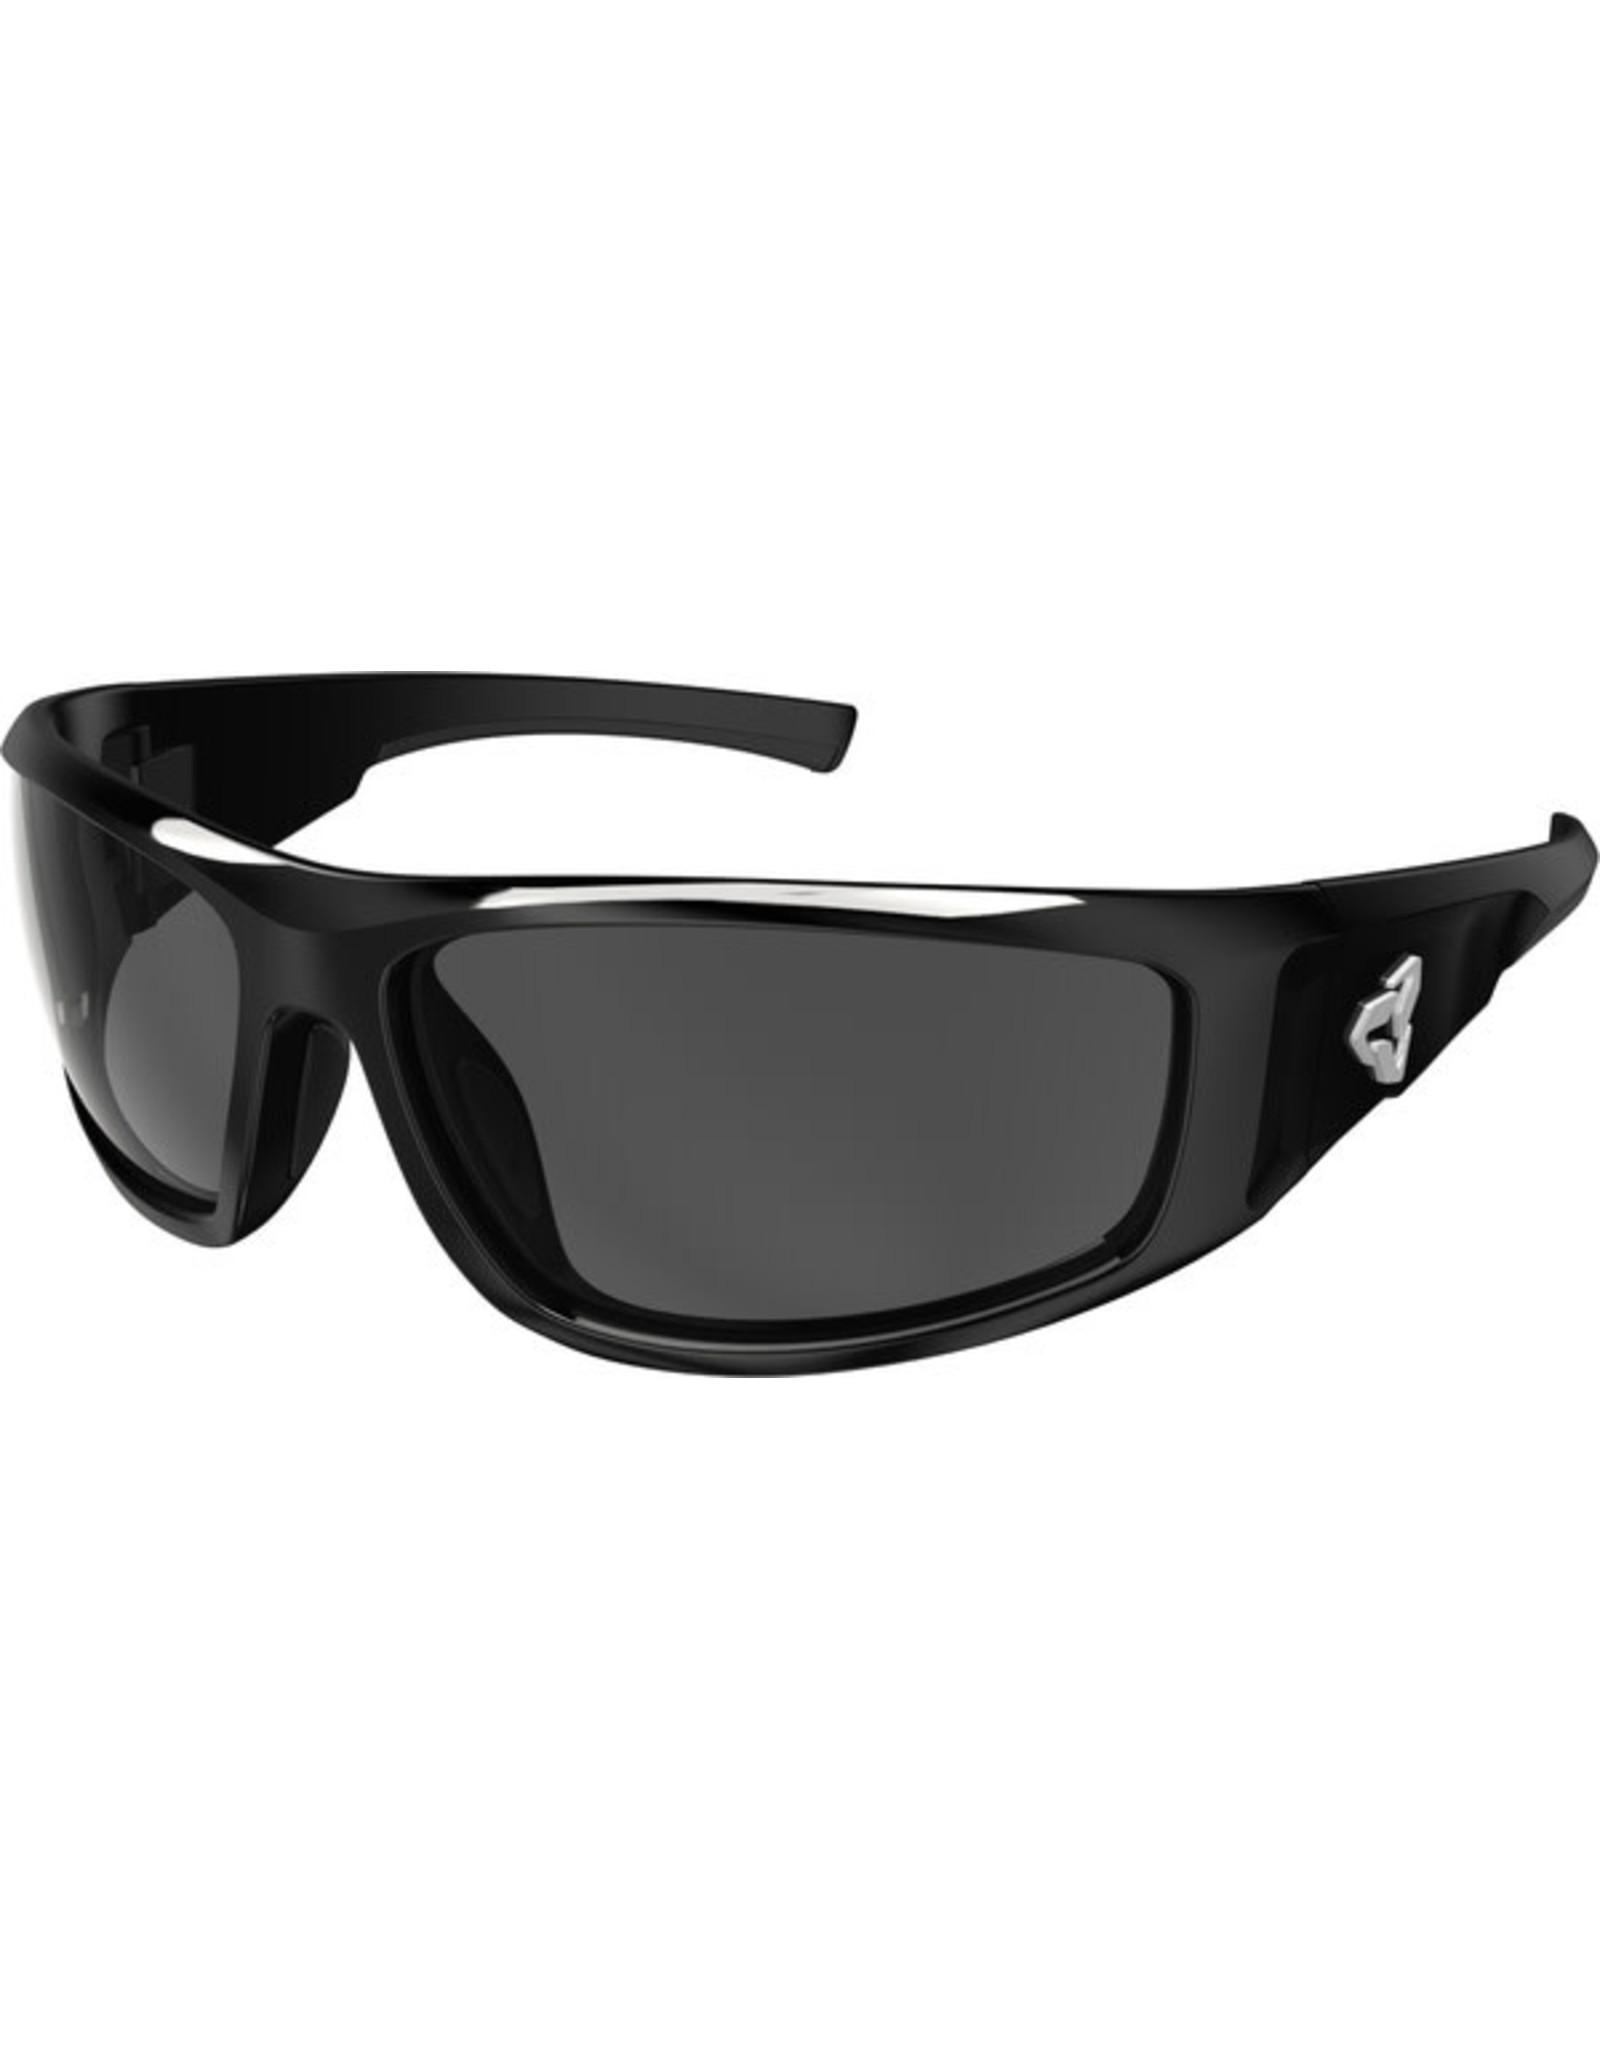 Ryders Eyewear Ryders Howler Core Lens S19